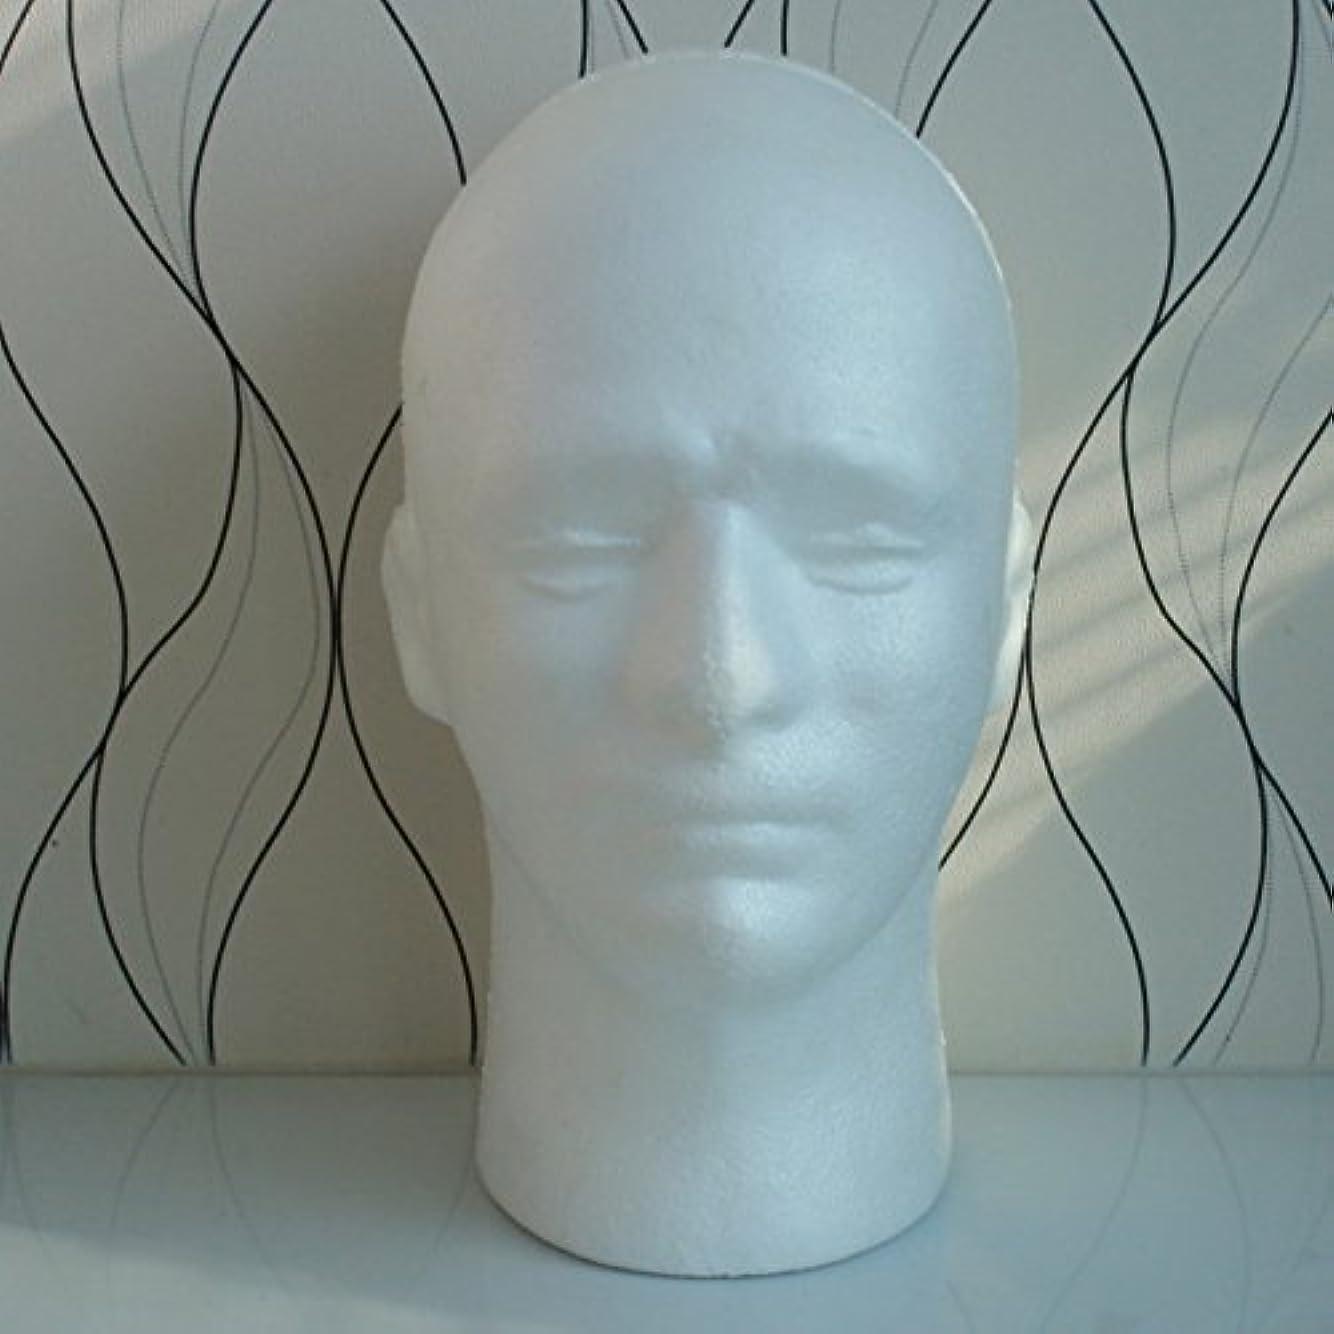 財団プライバシー識別MSmask 頭部モデル 帽子のディスプレイスタンド 男性 マネキン サロン人形 理髪ヘッズ フォームマネキン